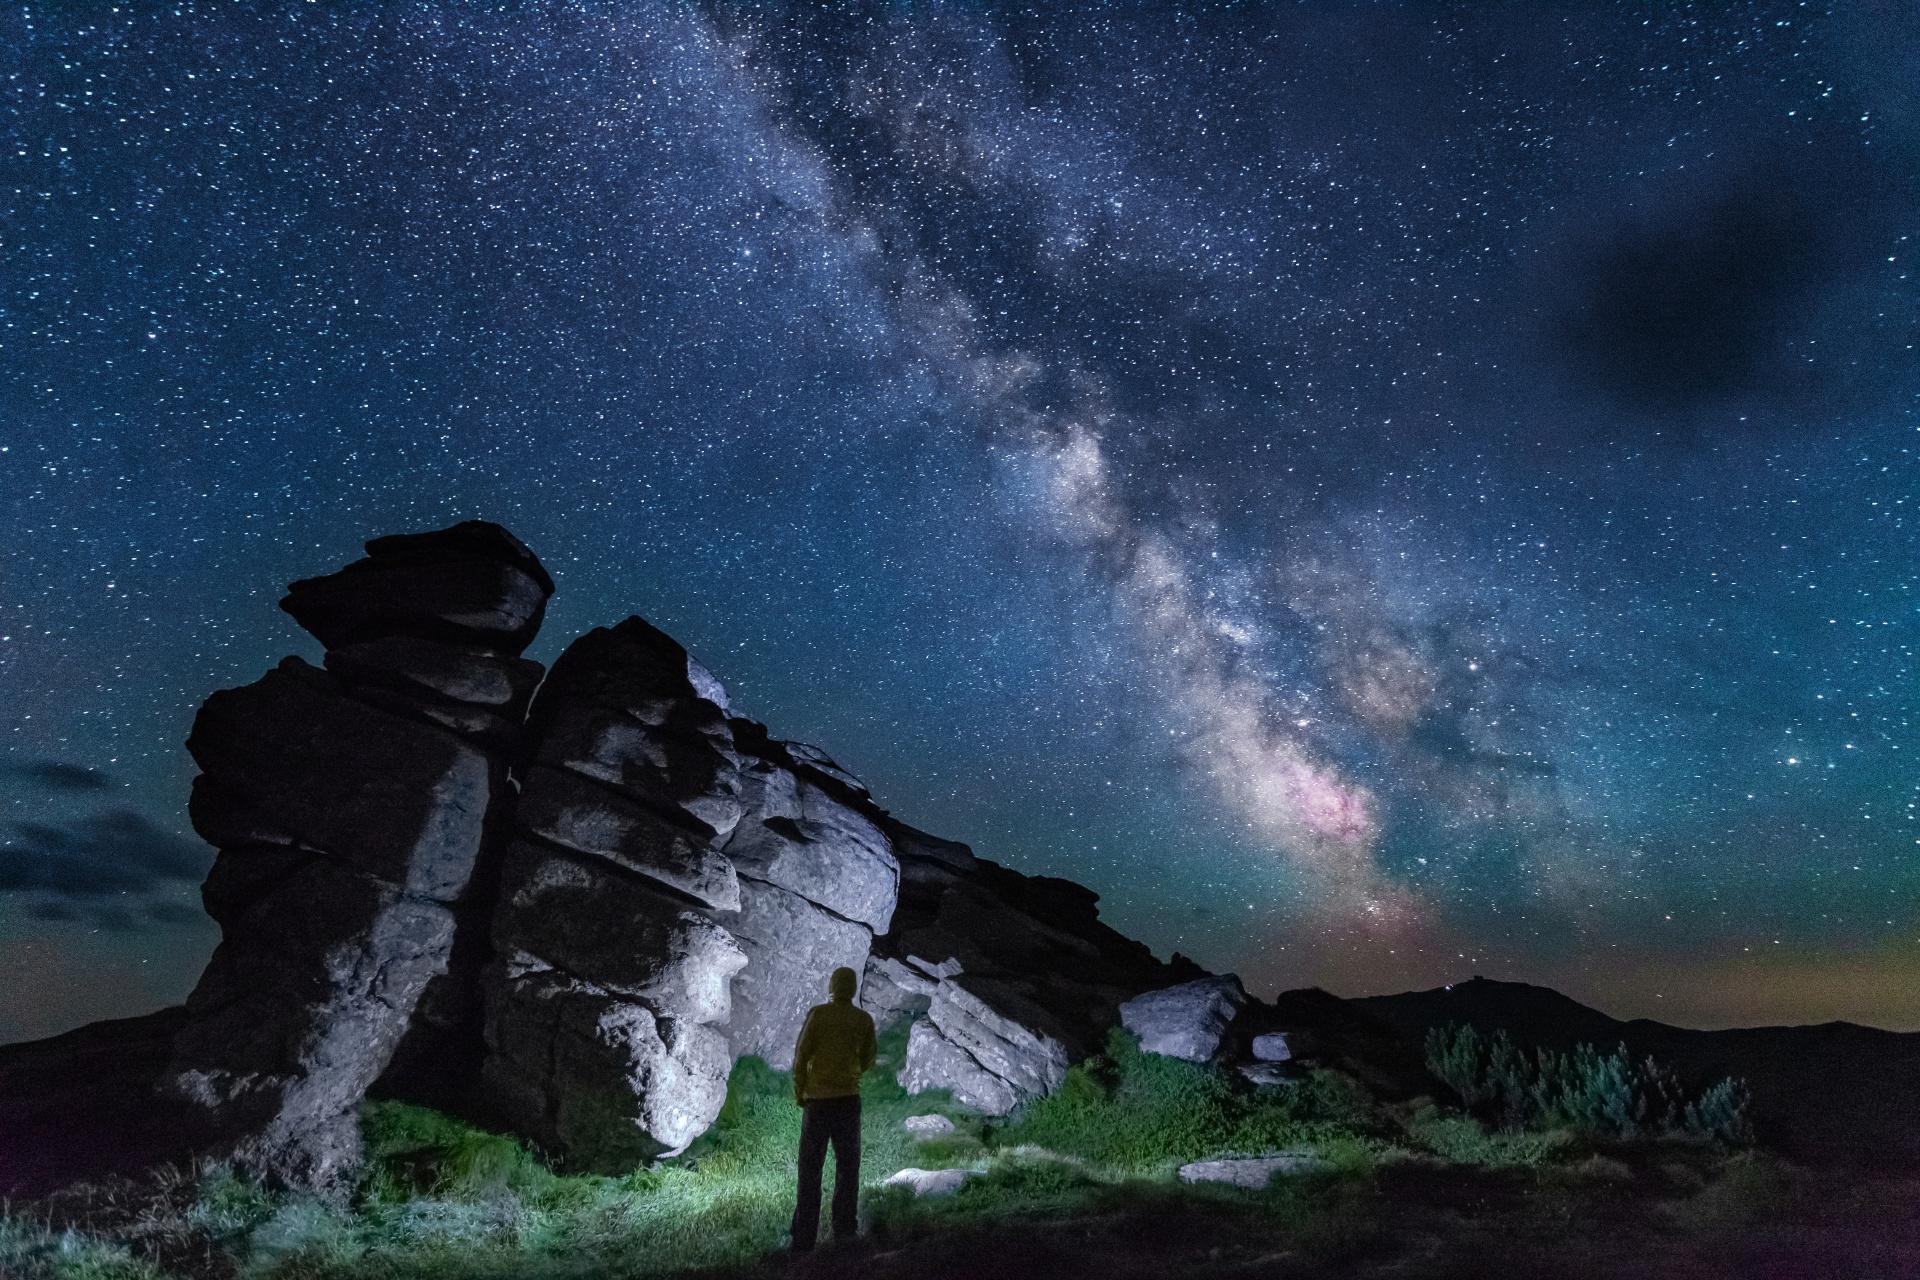 天の川と満天の星空 カルパティア山脈 ウクライナの風景